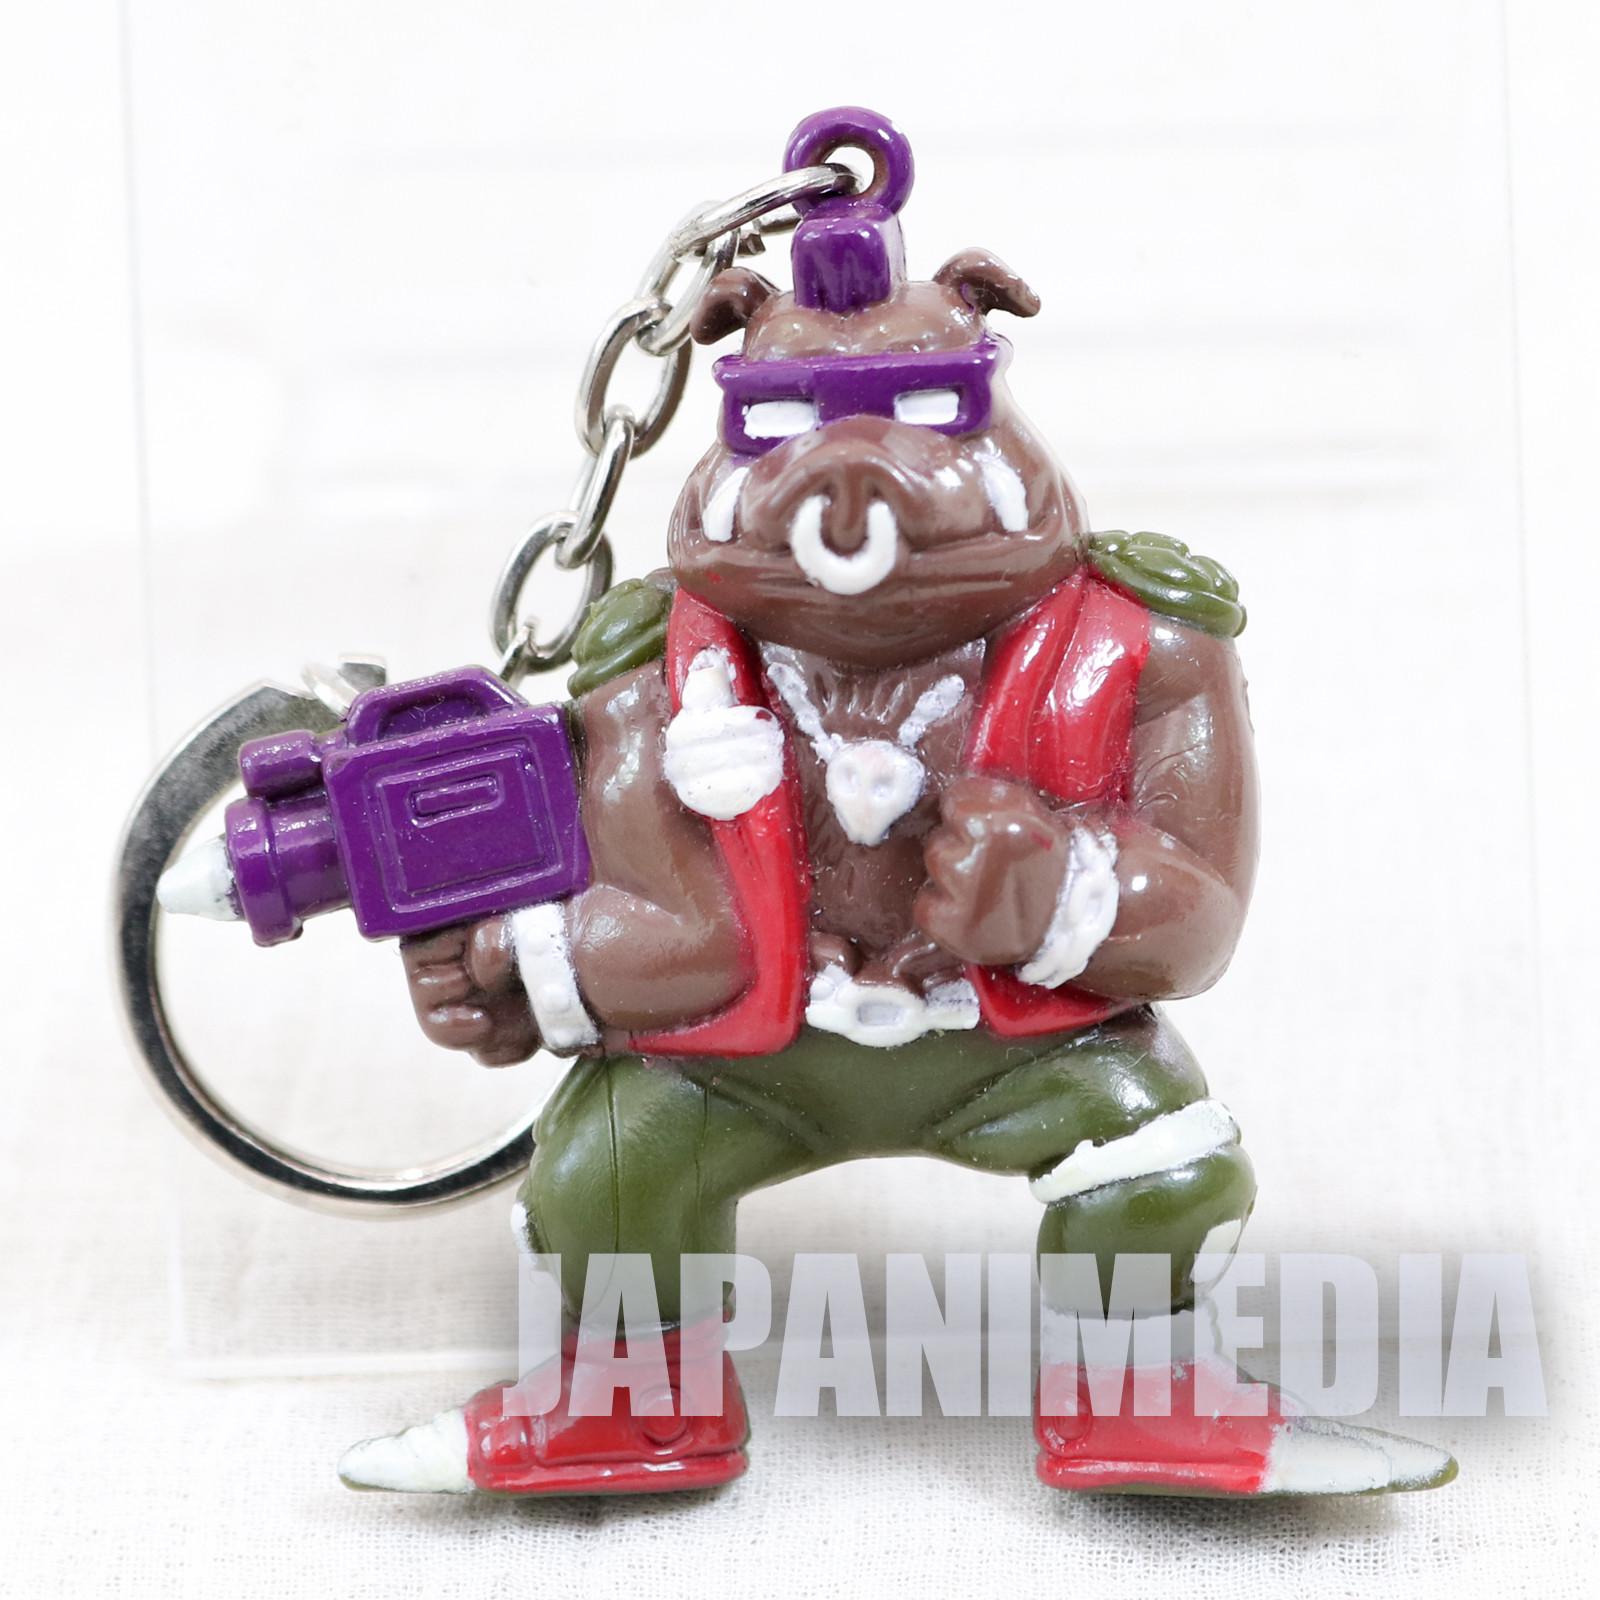 Retro RARE TMNT Teenage Mutant Ninja Turtles Bebop Figure Key Chain 1994 2